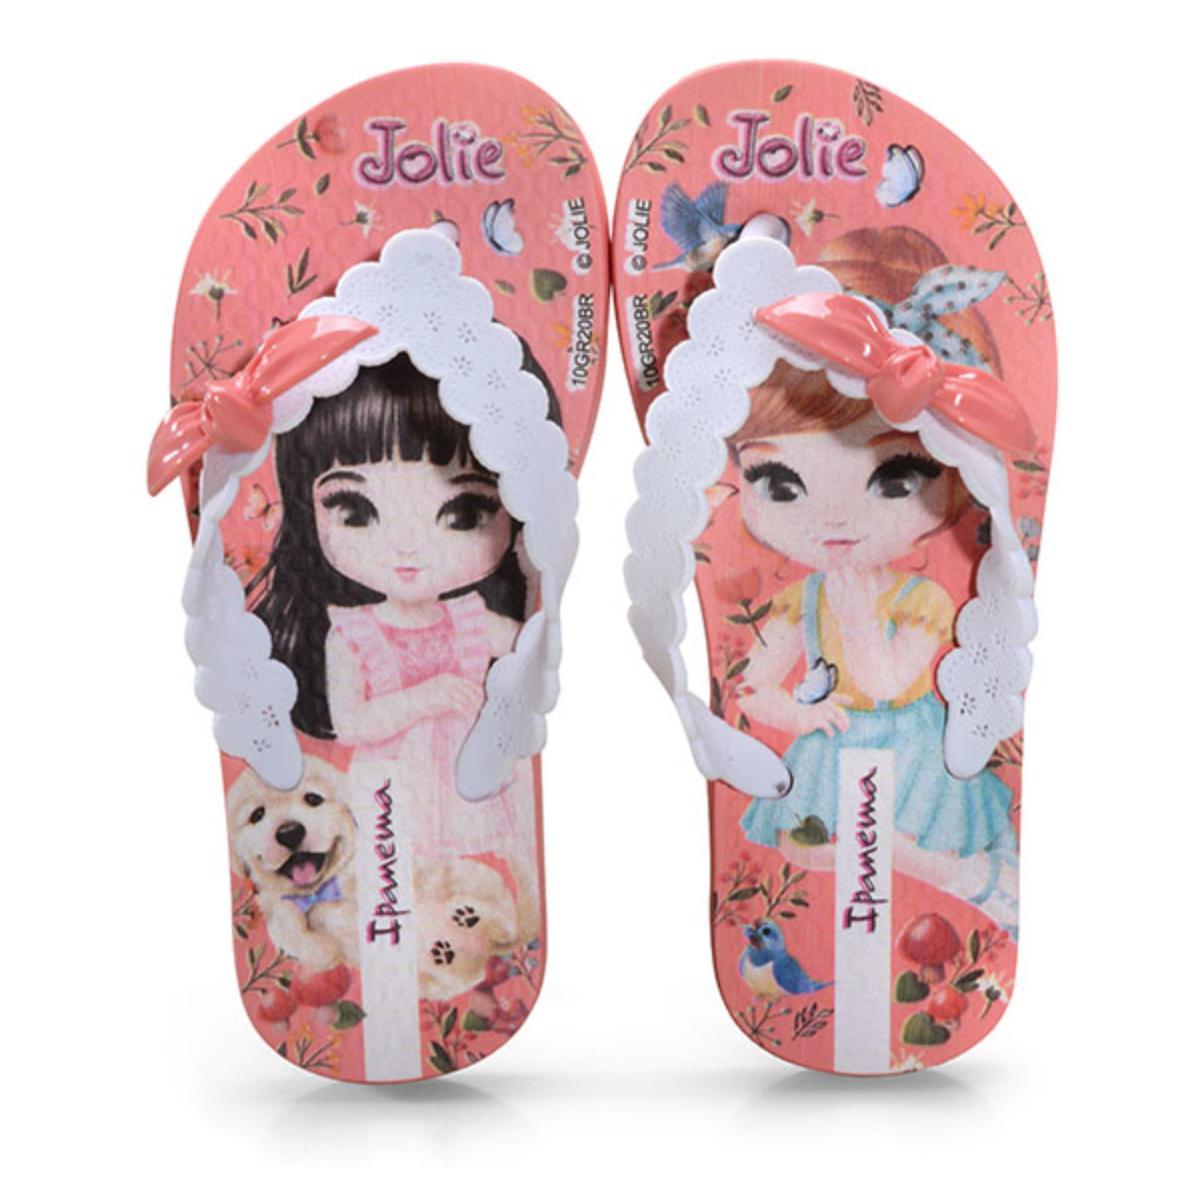 Chinelo Fem Infantil Grendene 26181 20700 Ipanema Jolie Amor Rosa